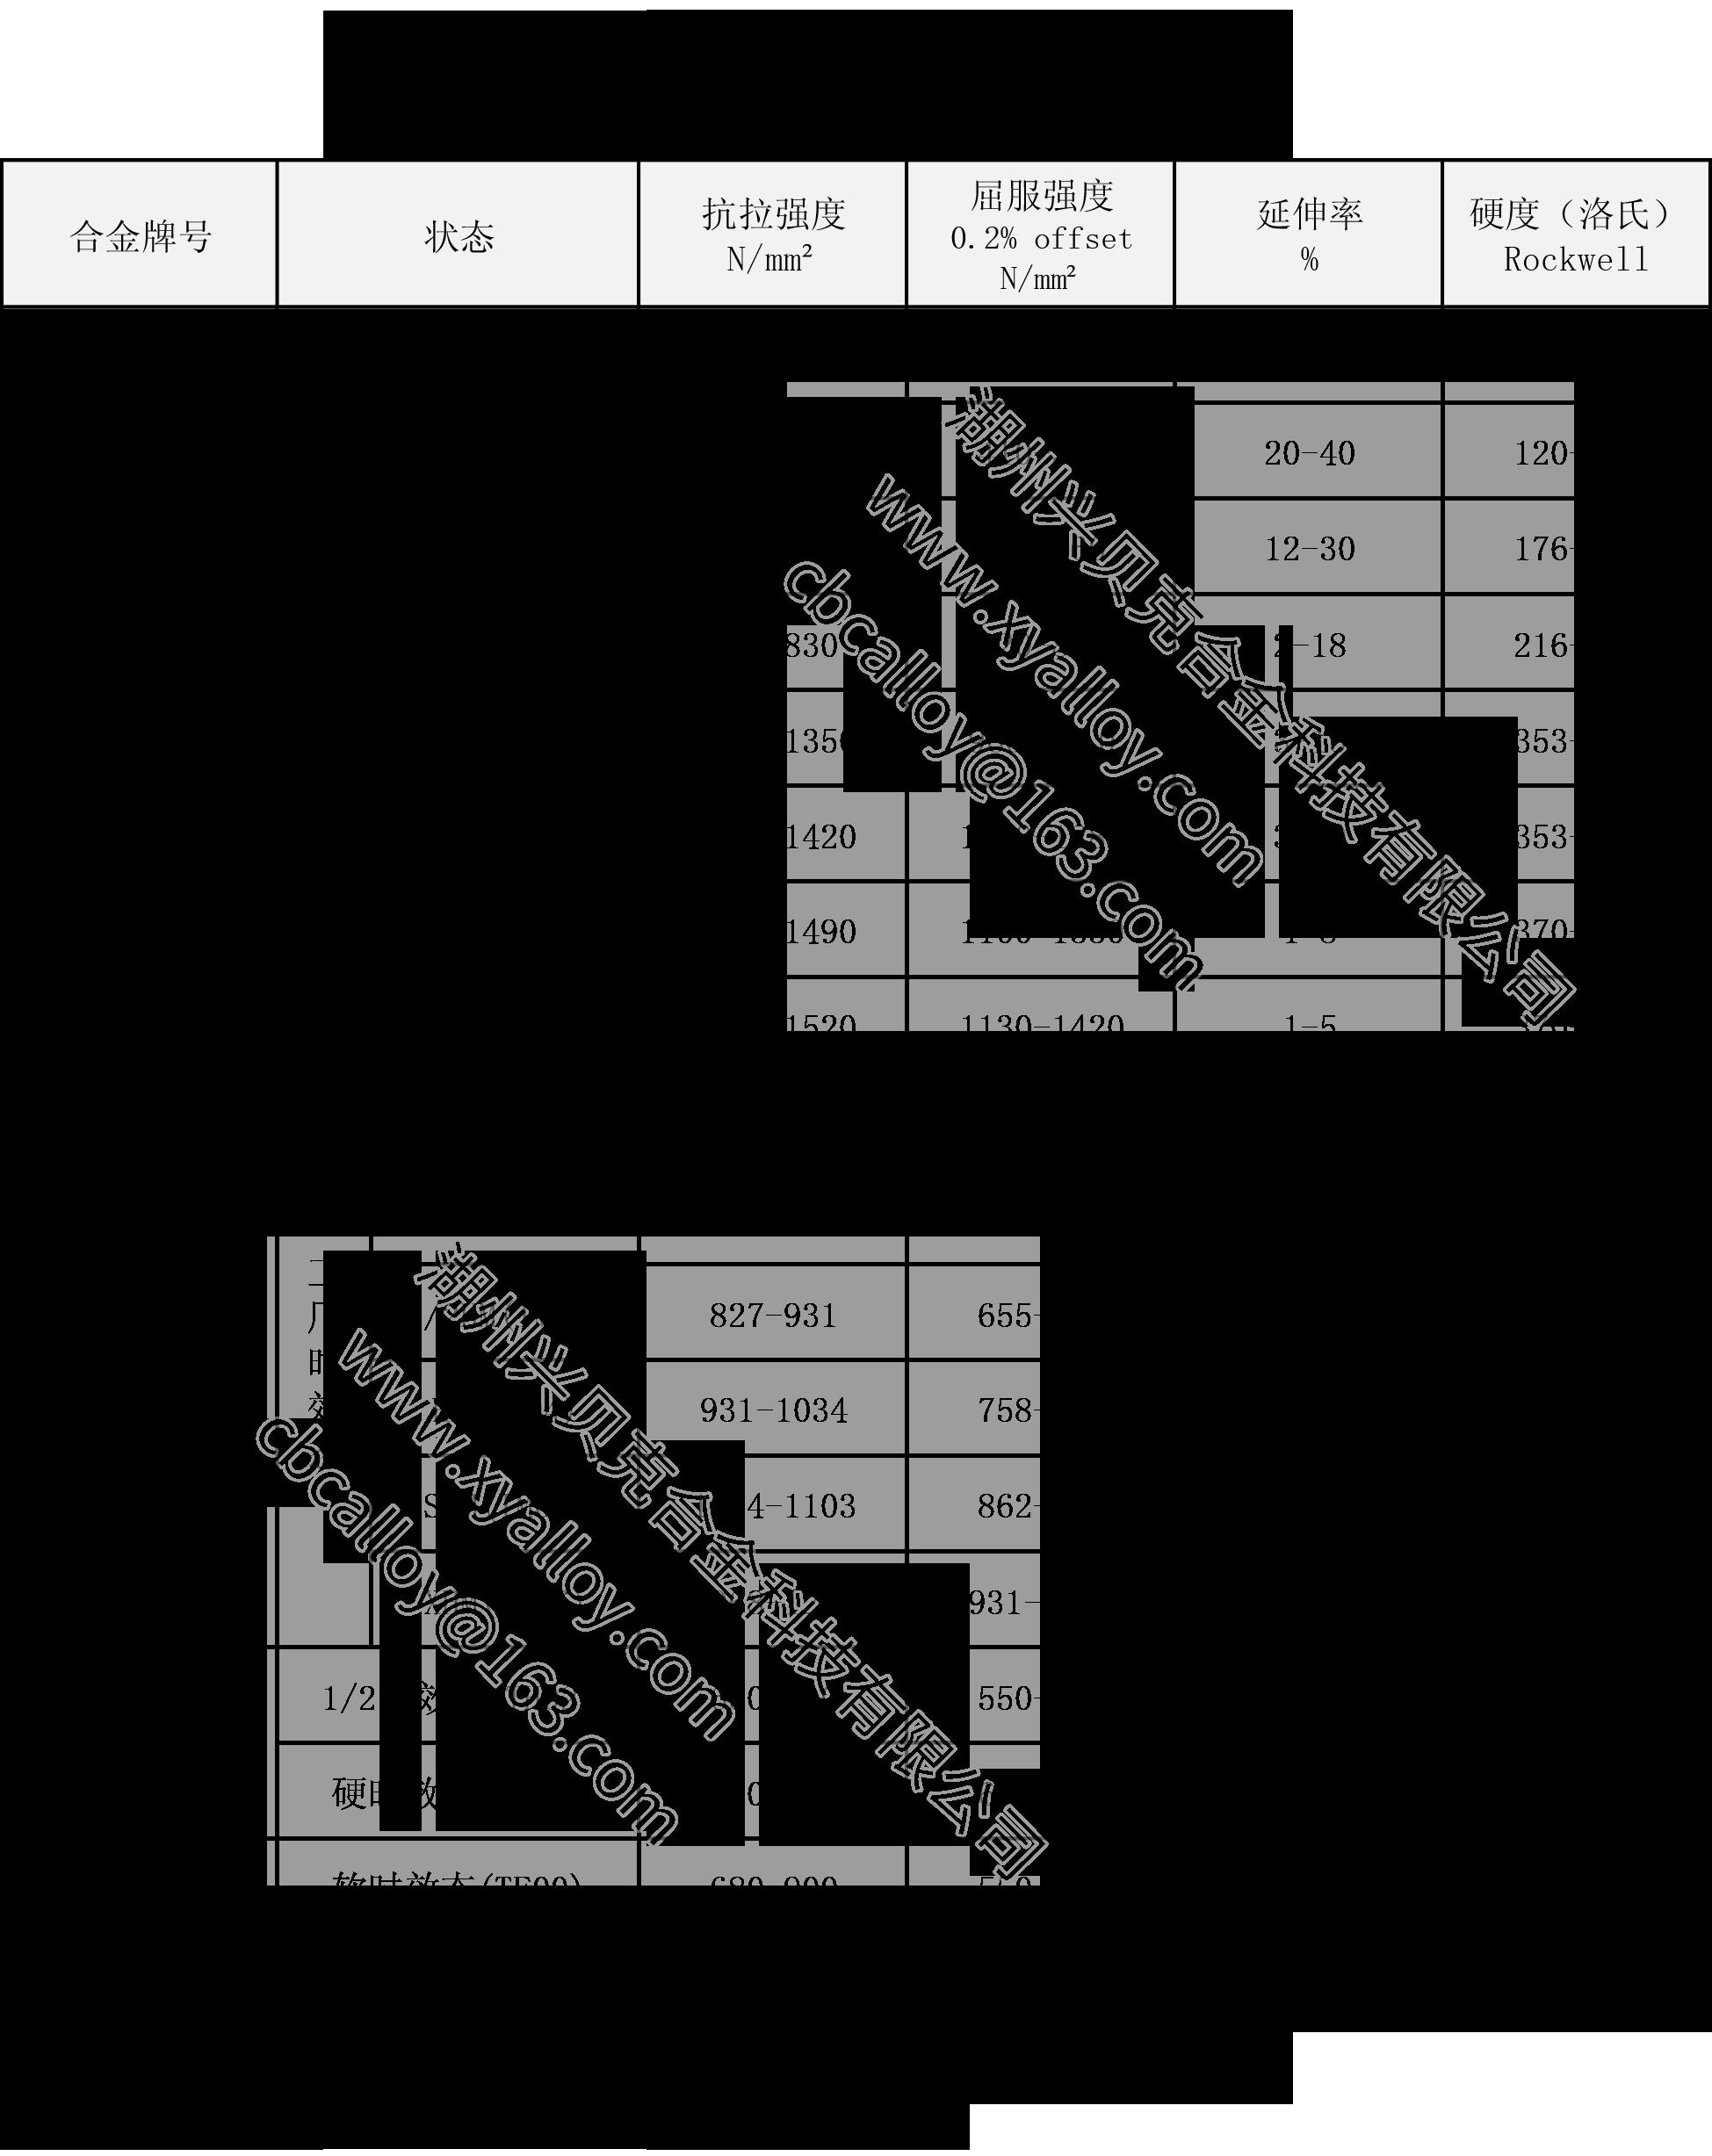 興貝克-鈹銅帶-性能